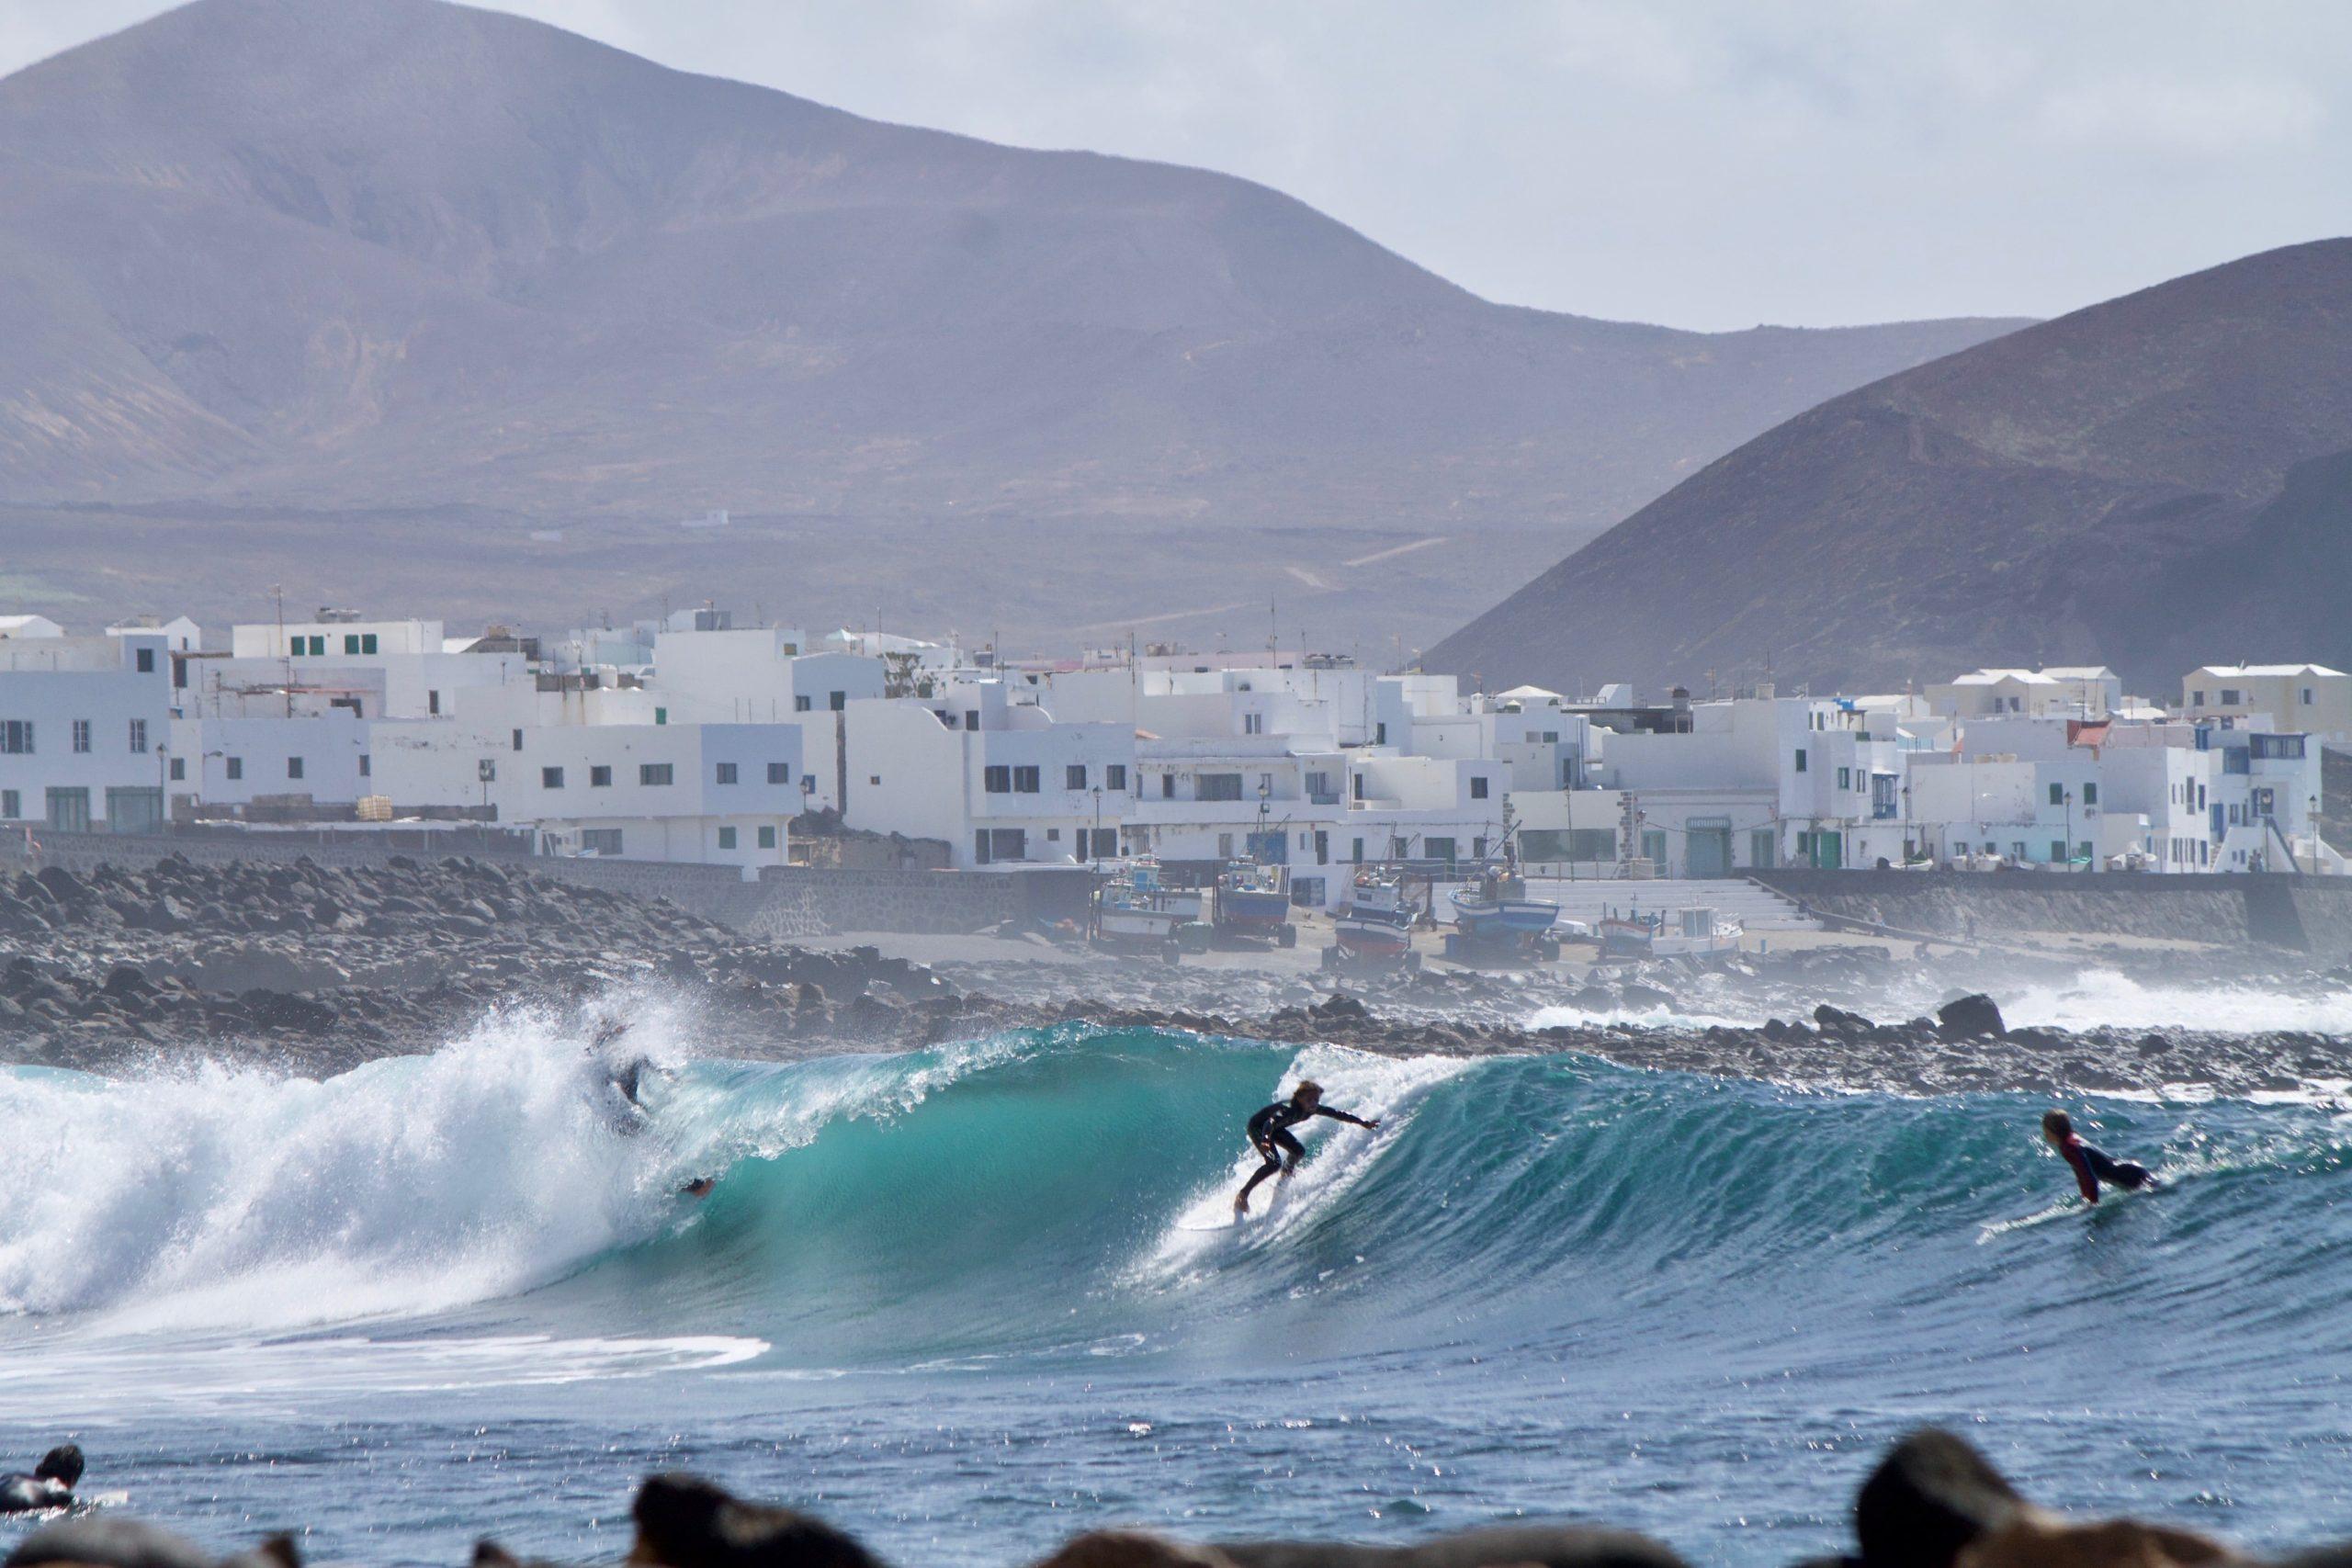 Surfing Lanzarote - La Sanata